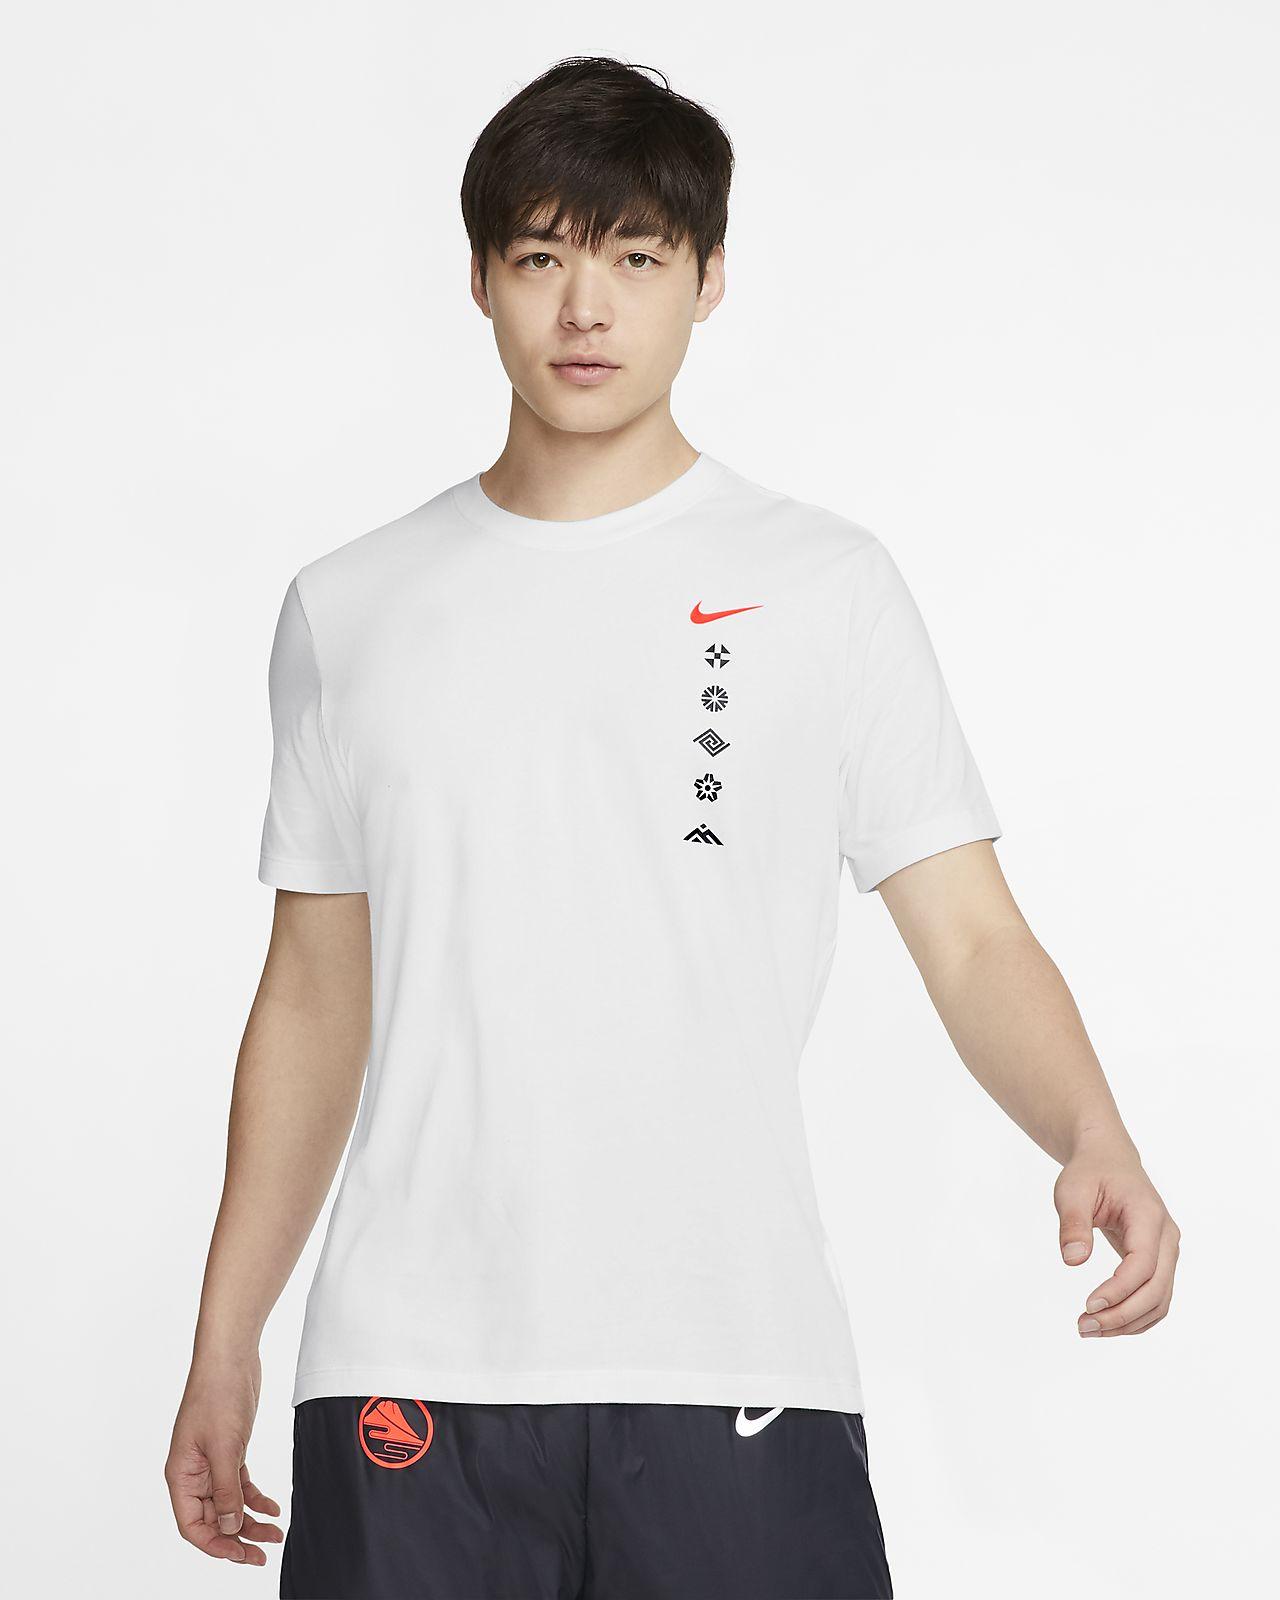 Nike Dri-FIT 男子跑步T恤